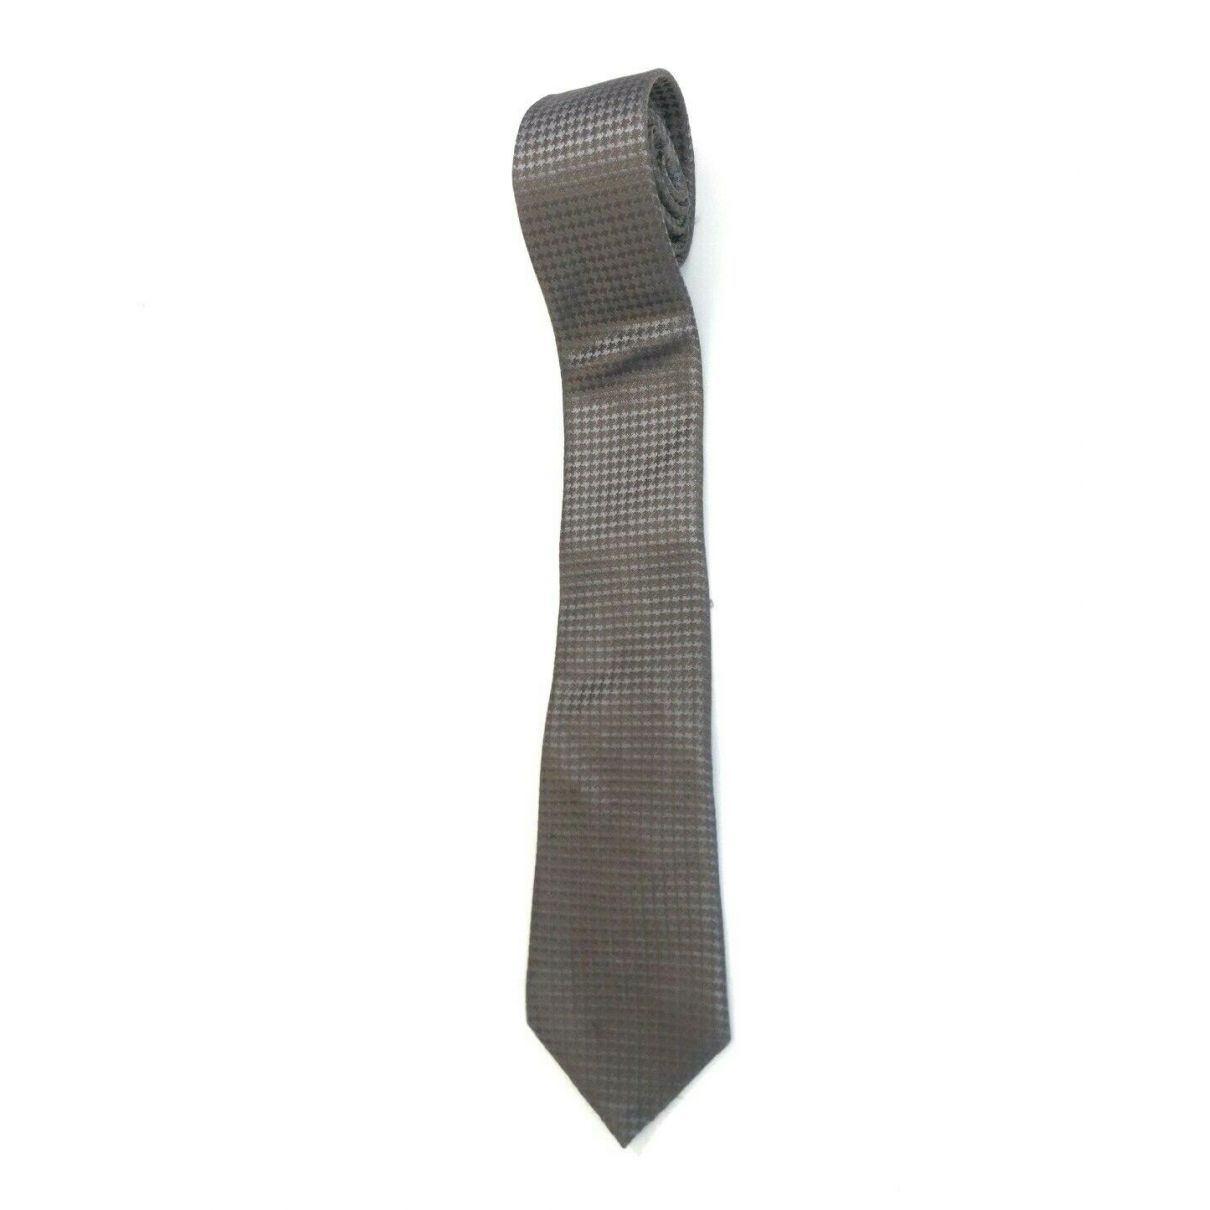 Canali - Cravates   pour homme en soie - gris